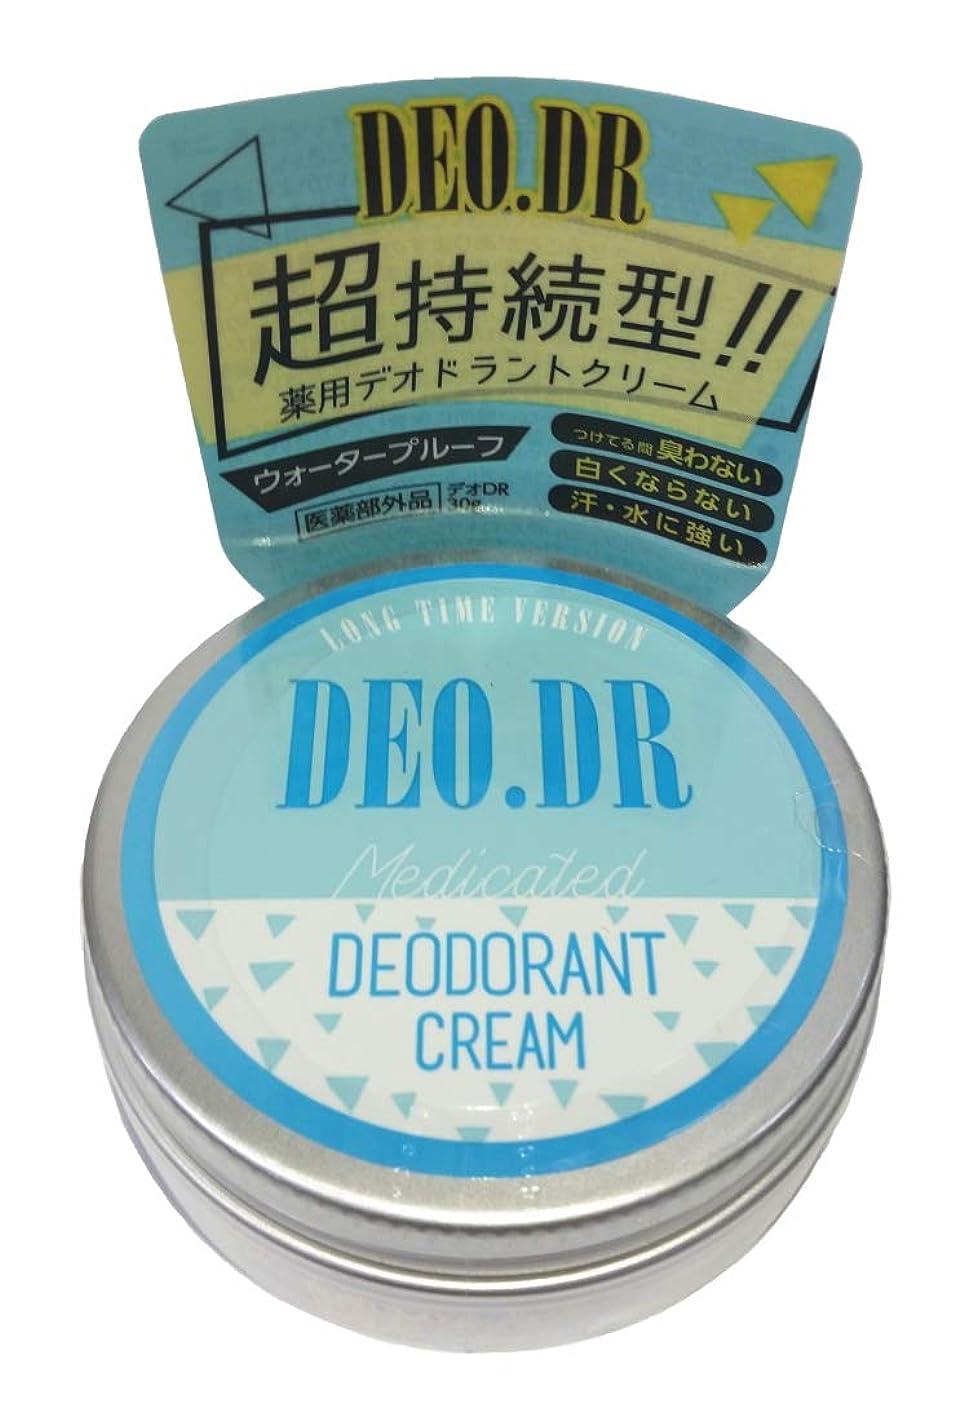 大量草地獄デオDR (DEO.DR) 薬用クリーム 【医薬部外品】 2個セット